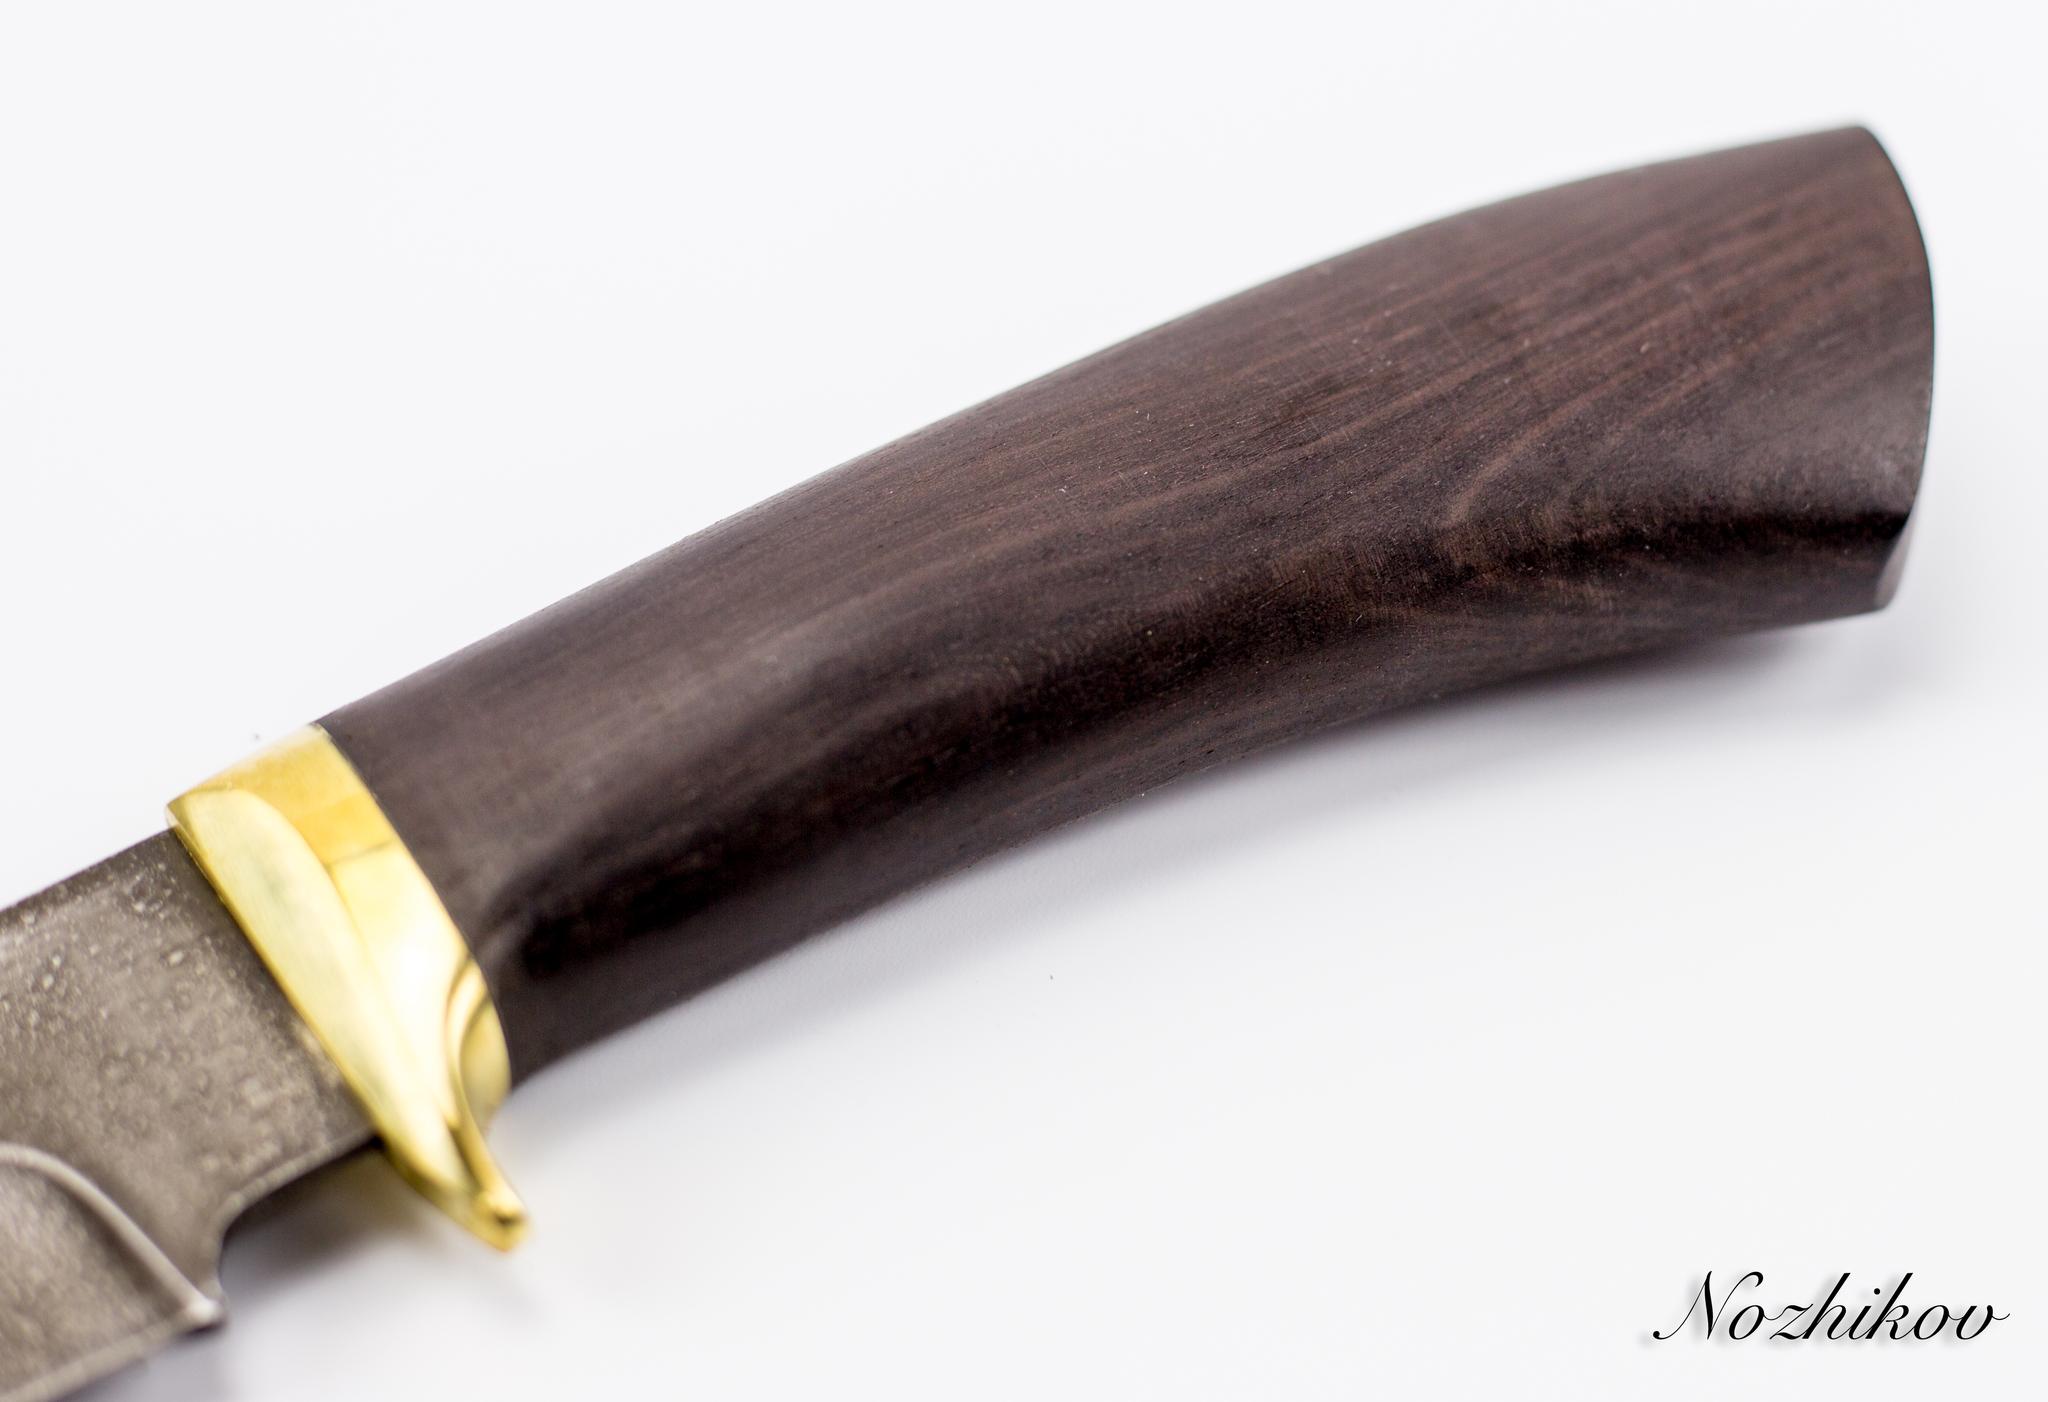 Фото 5 - Нож Хищник-2, сталь ХВ5, граб от Промтехснаб